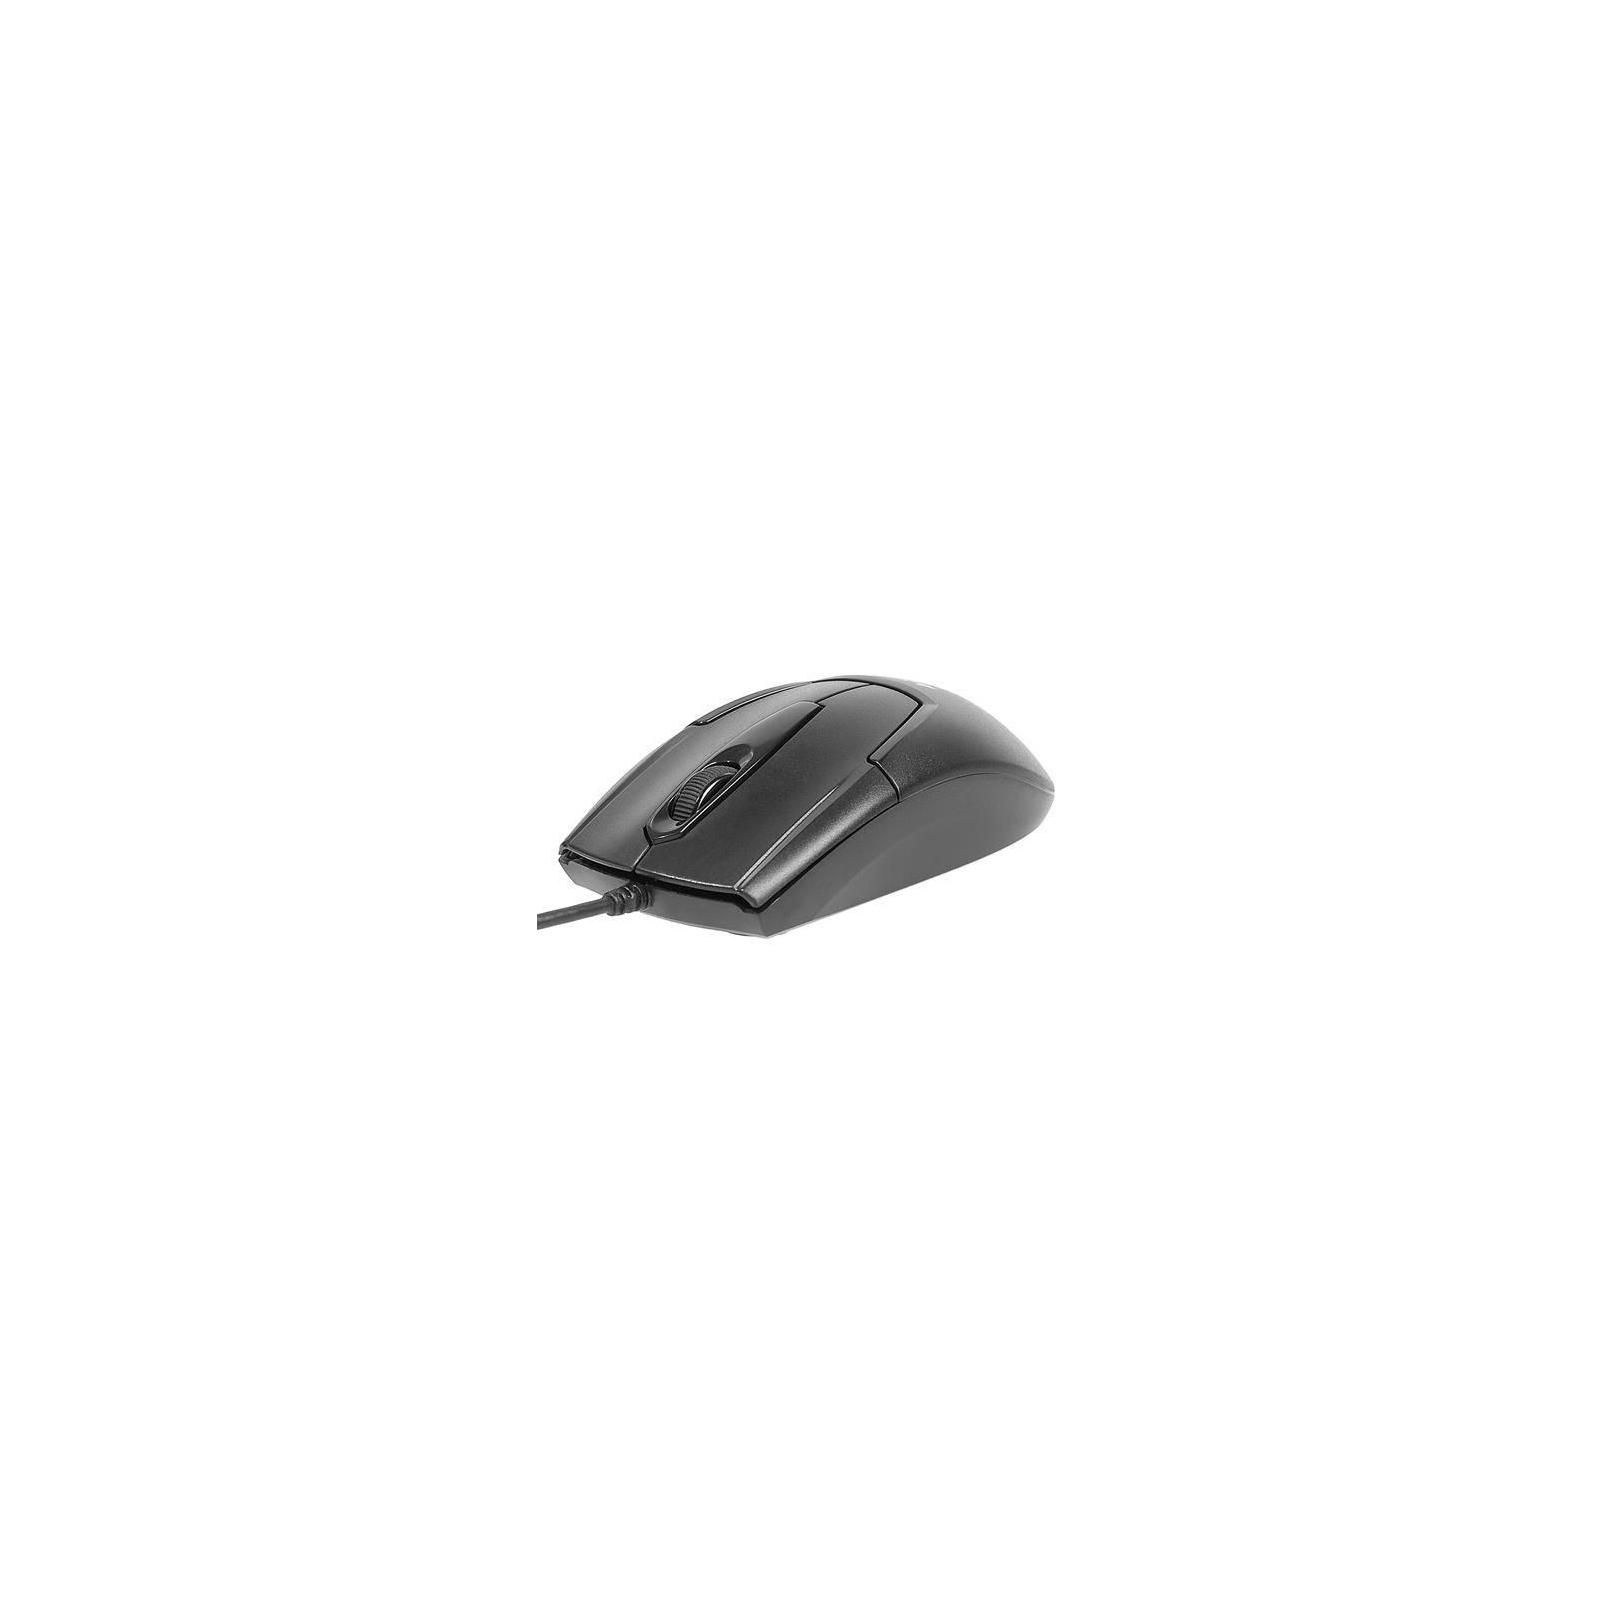 Мышка A4tech OP-540NU-1 изображение 2